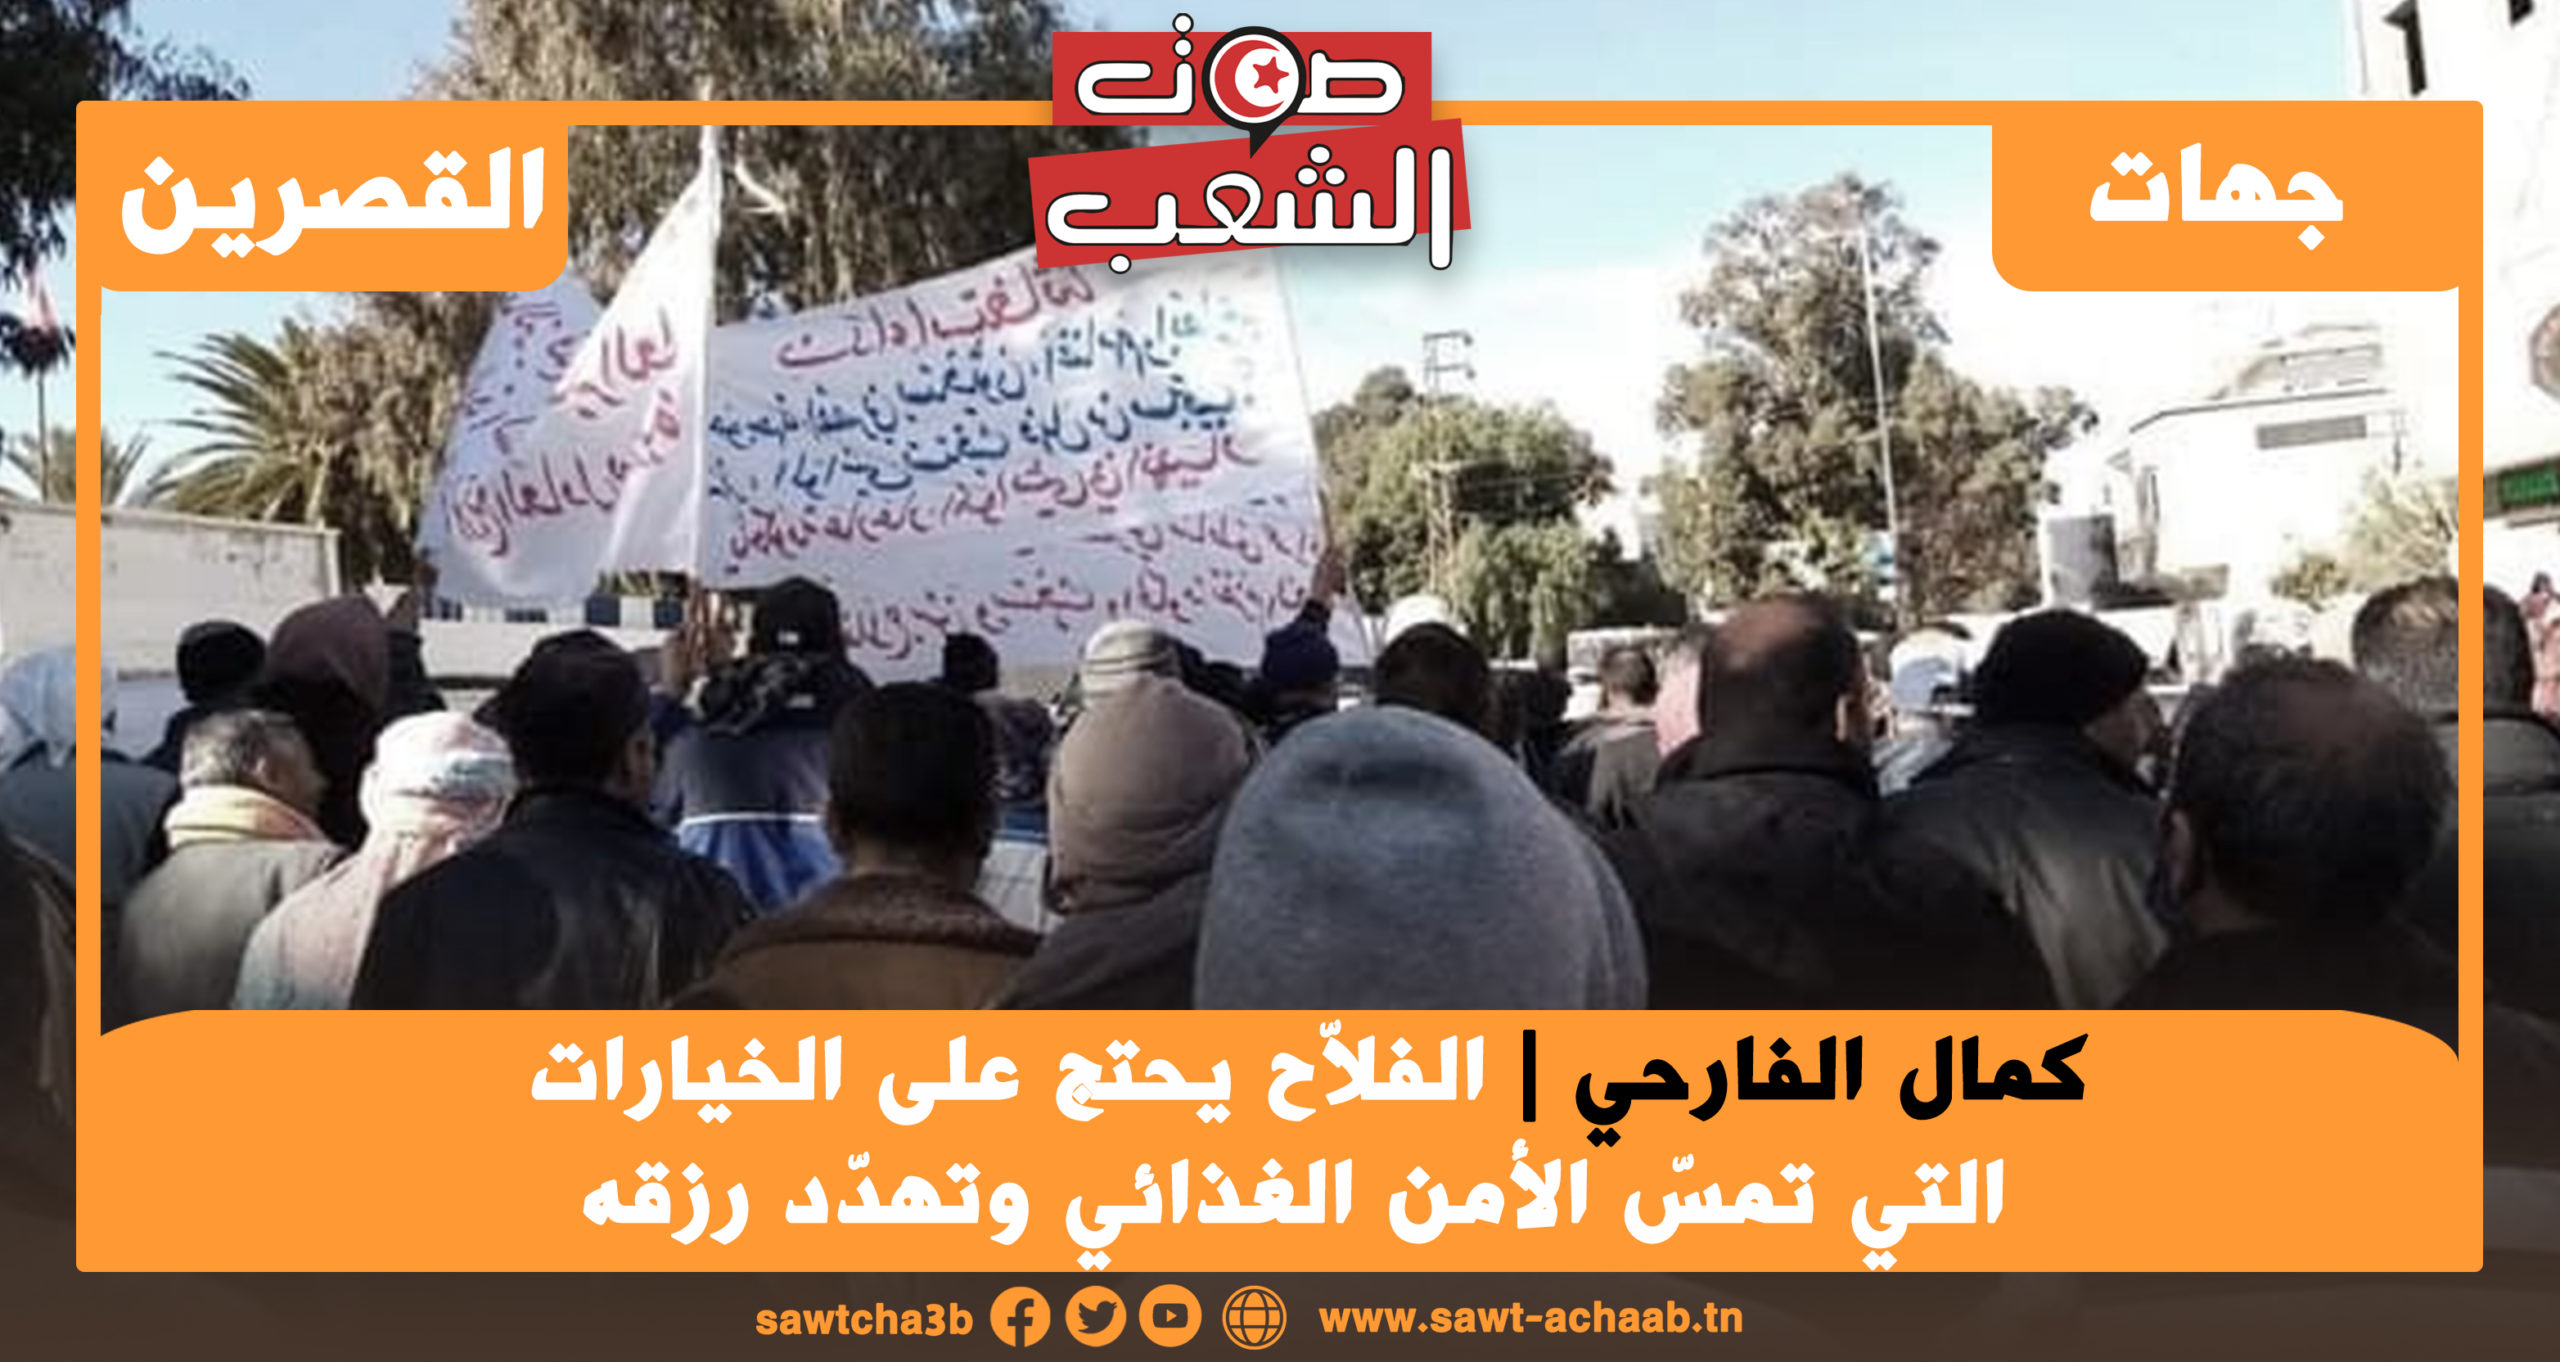 القصرين:  الفلاّح يحتج على الخيارات التي تمسّ الأمن الغذائي وتهدّد رزقه